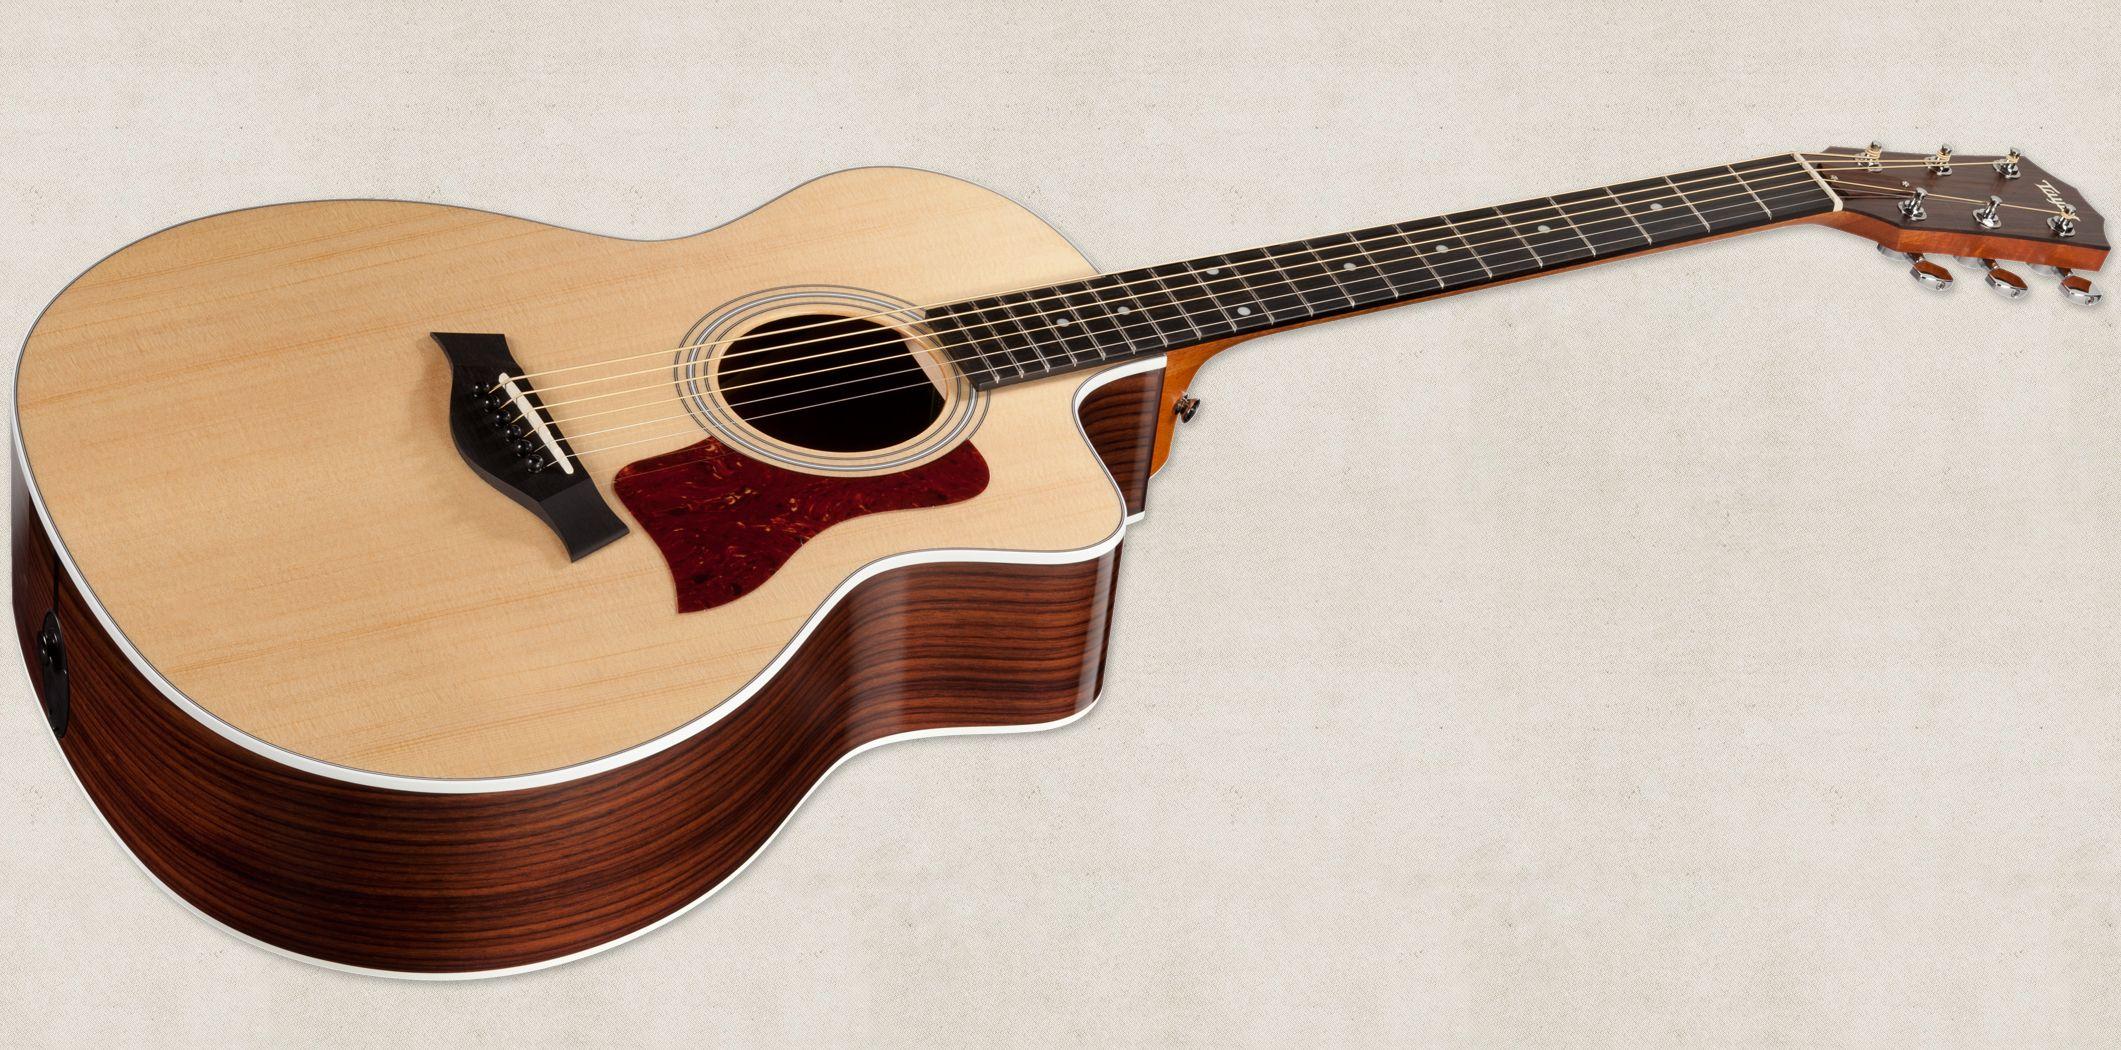 Taylor 210e Jumbo Not The Best But Dam Good Guitar Taylor Guitars Guitar Pics